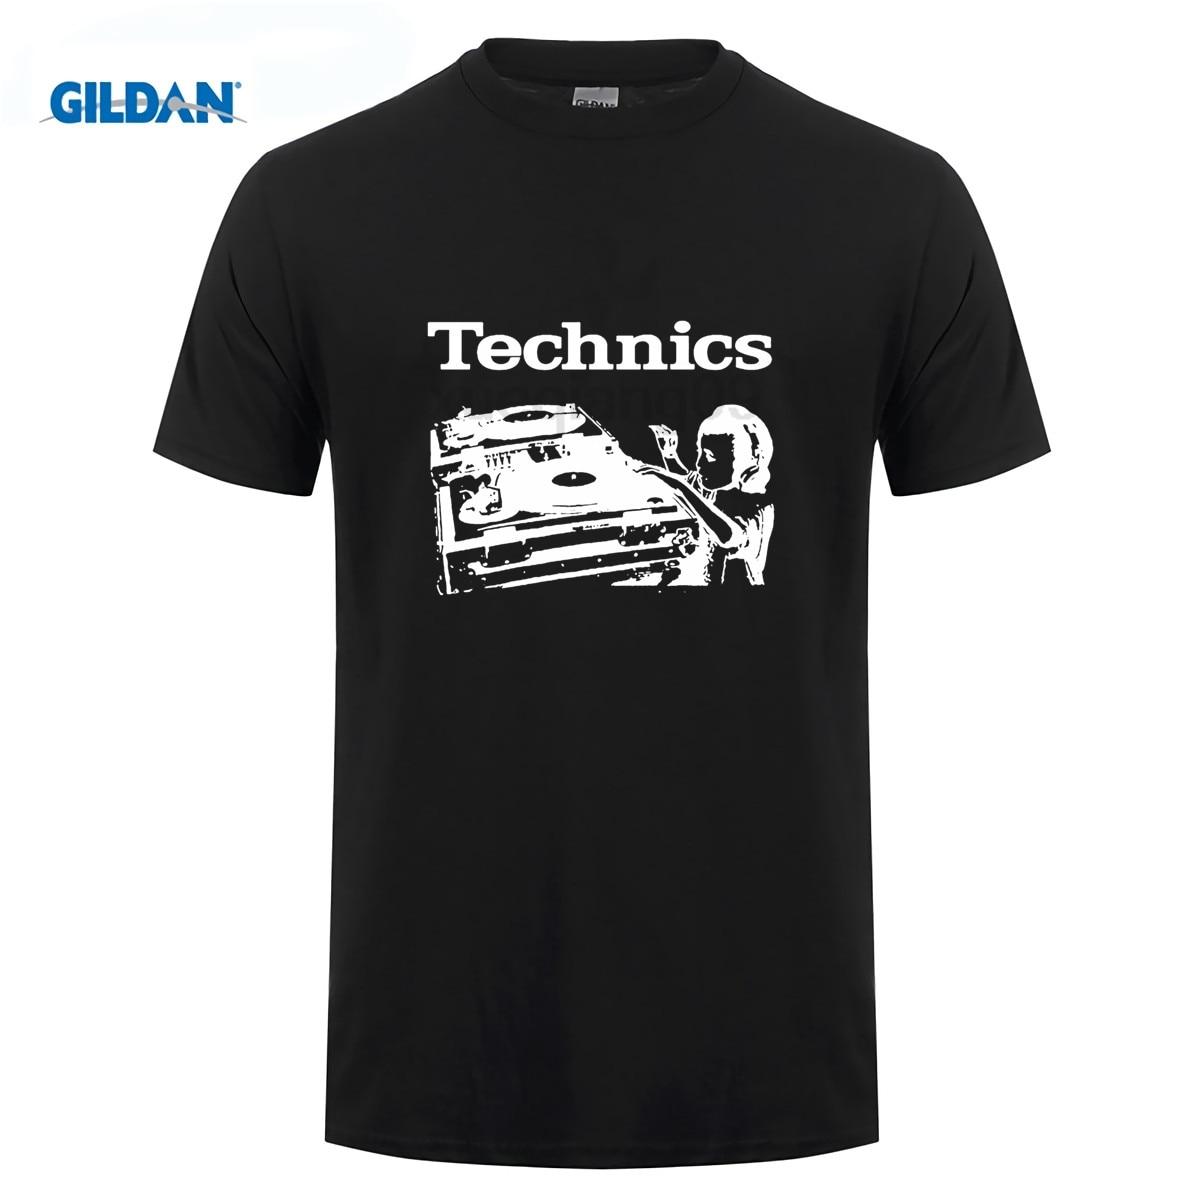 Nieuwe Merk T Shirt Mannen Korte Mouw Technics Shirt Casual Teach Man Tees Shirt Tops Plus Size